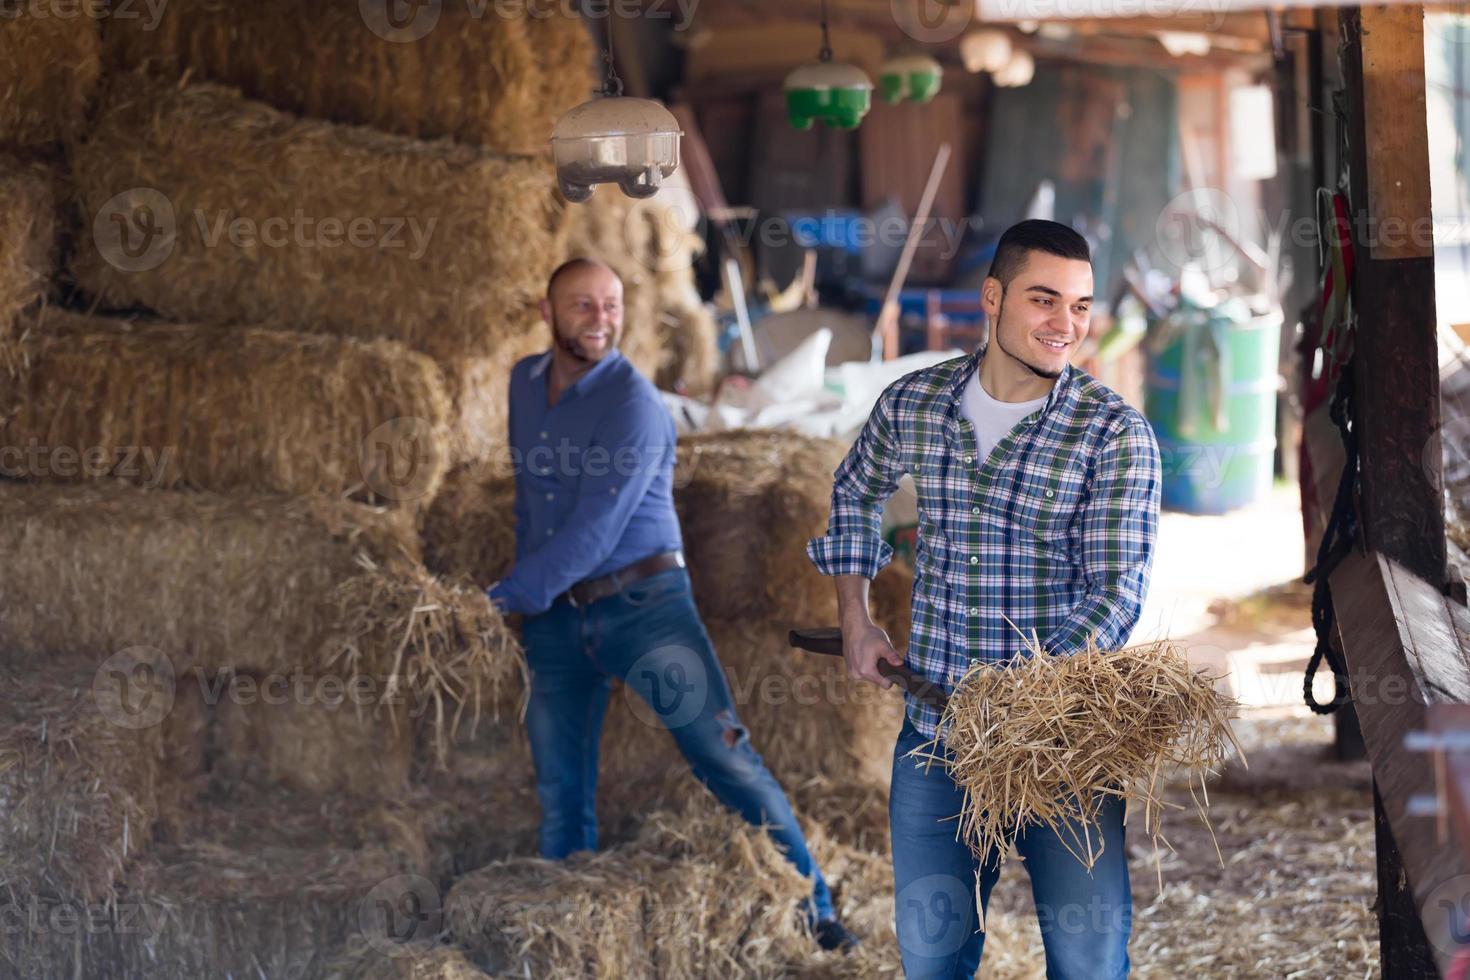 due contadini che lavorano nel fienile foto